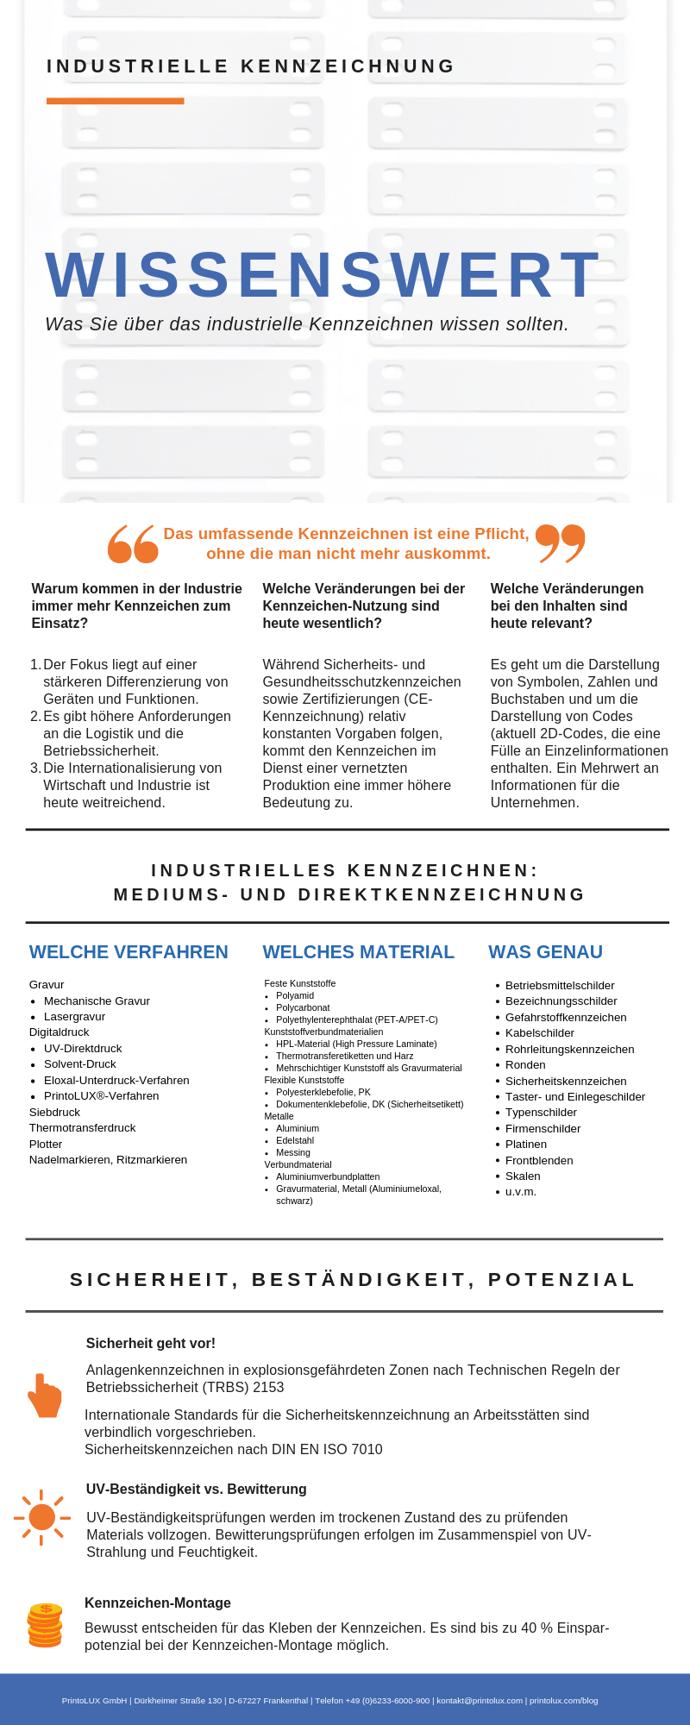 printolux-wissenswertes-industrielles-kennzeichnen